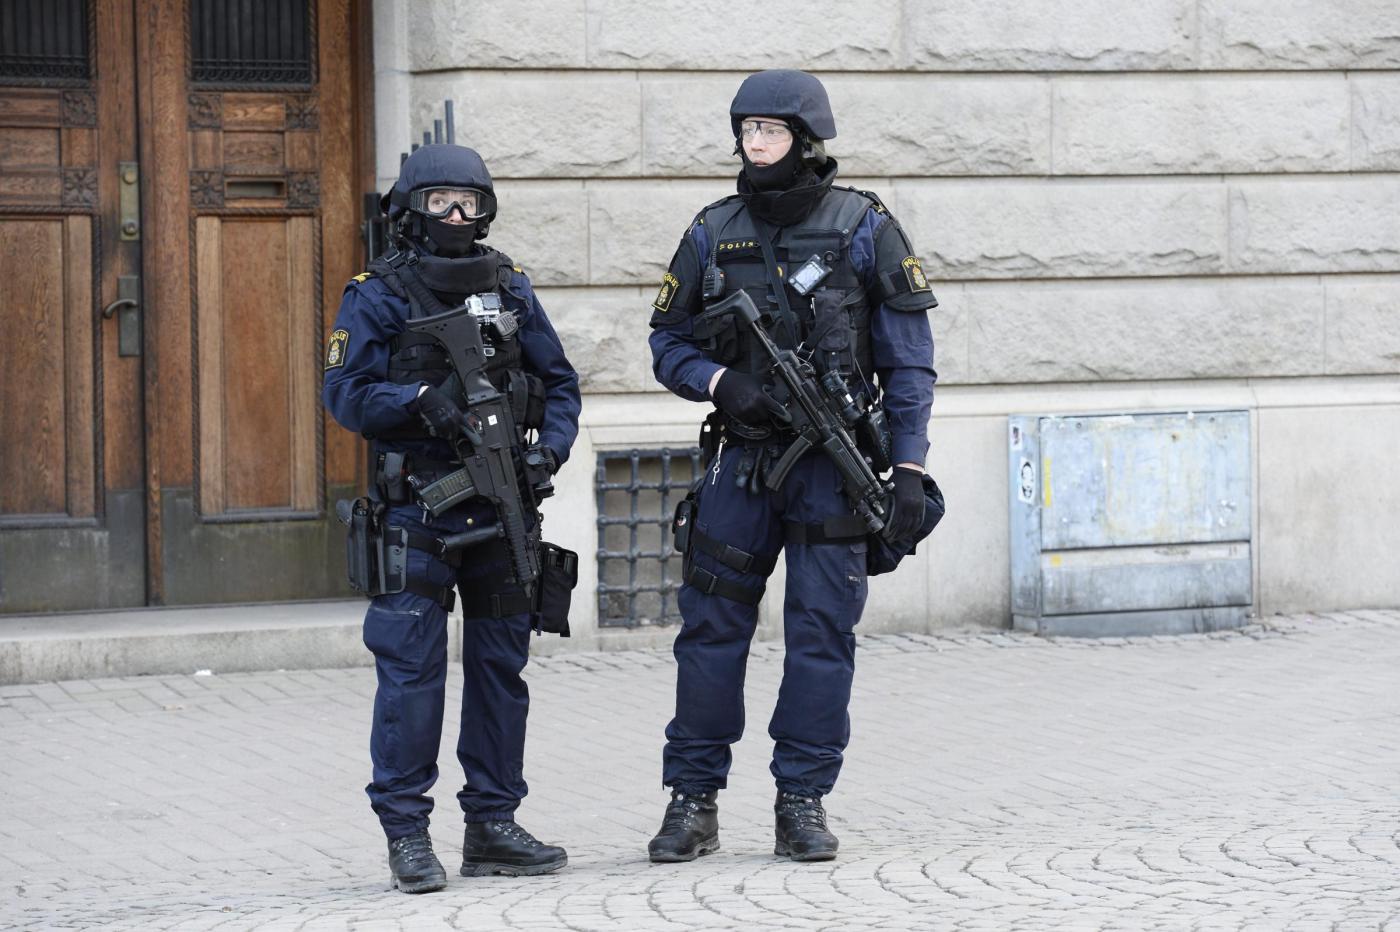 Francia sotto attacco: perché è già il secondo attentato nel Paese?